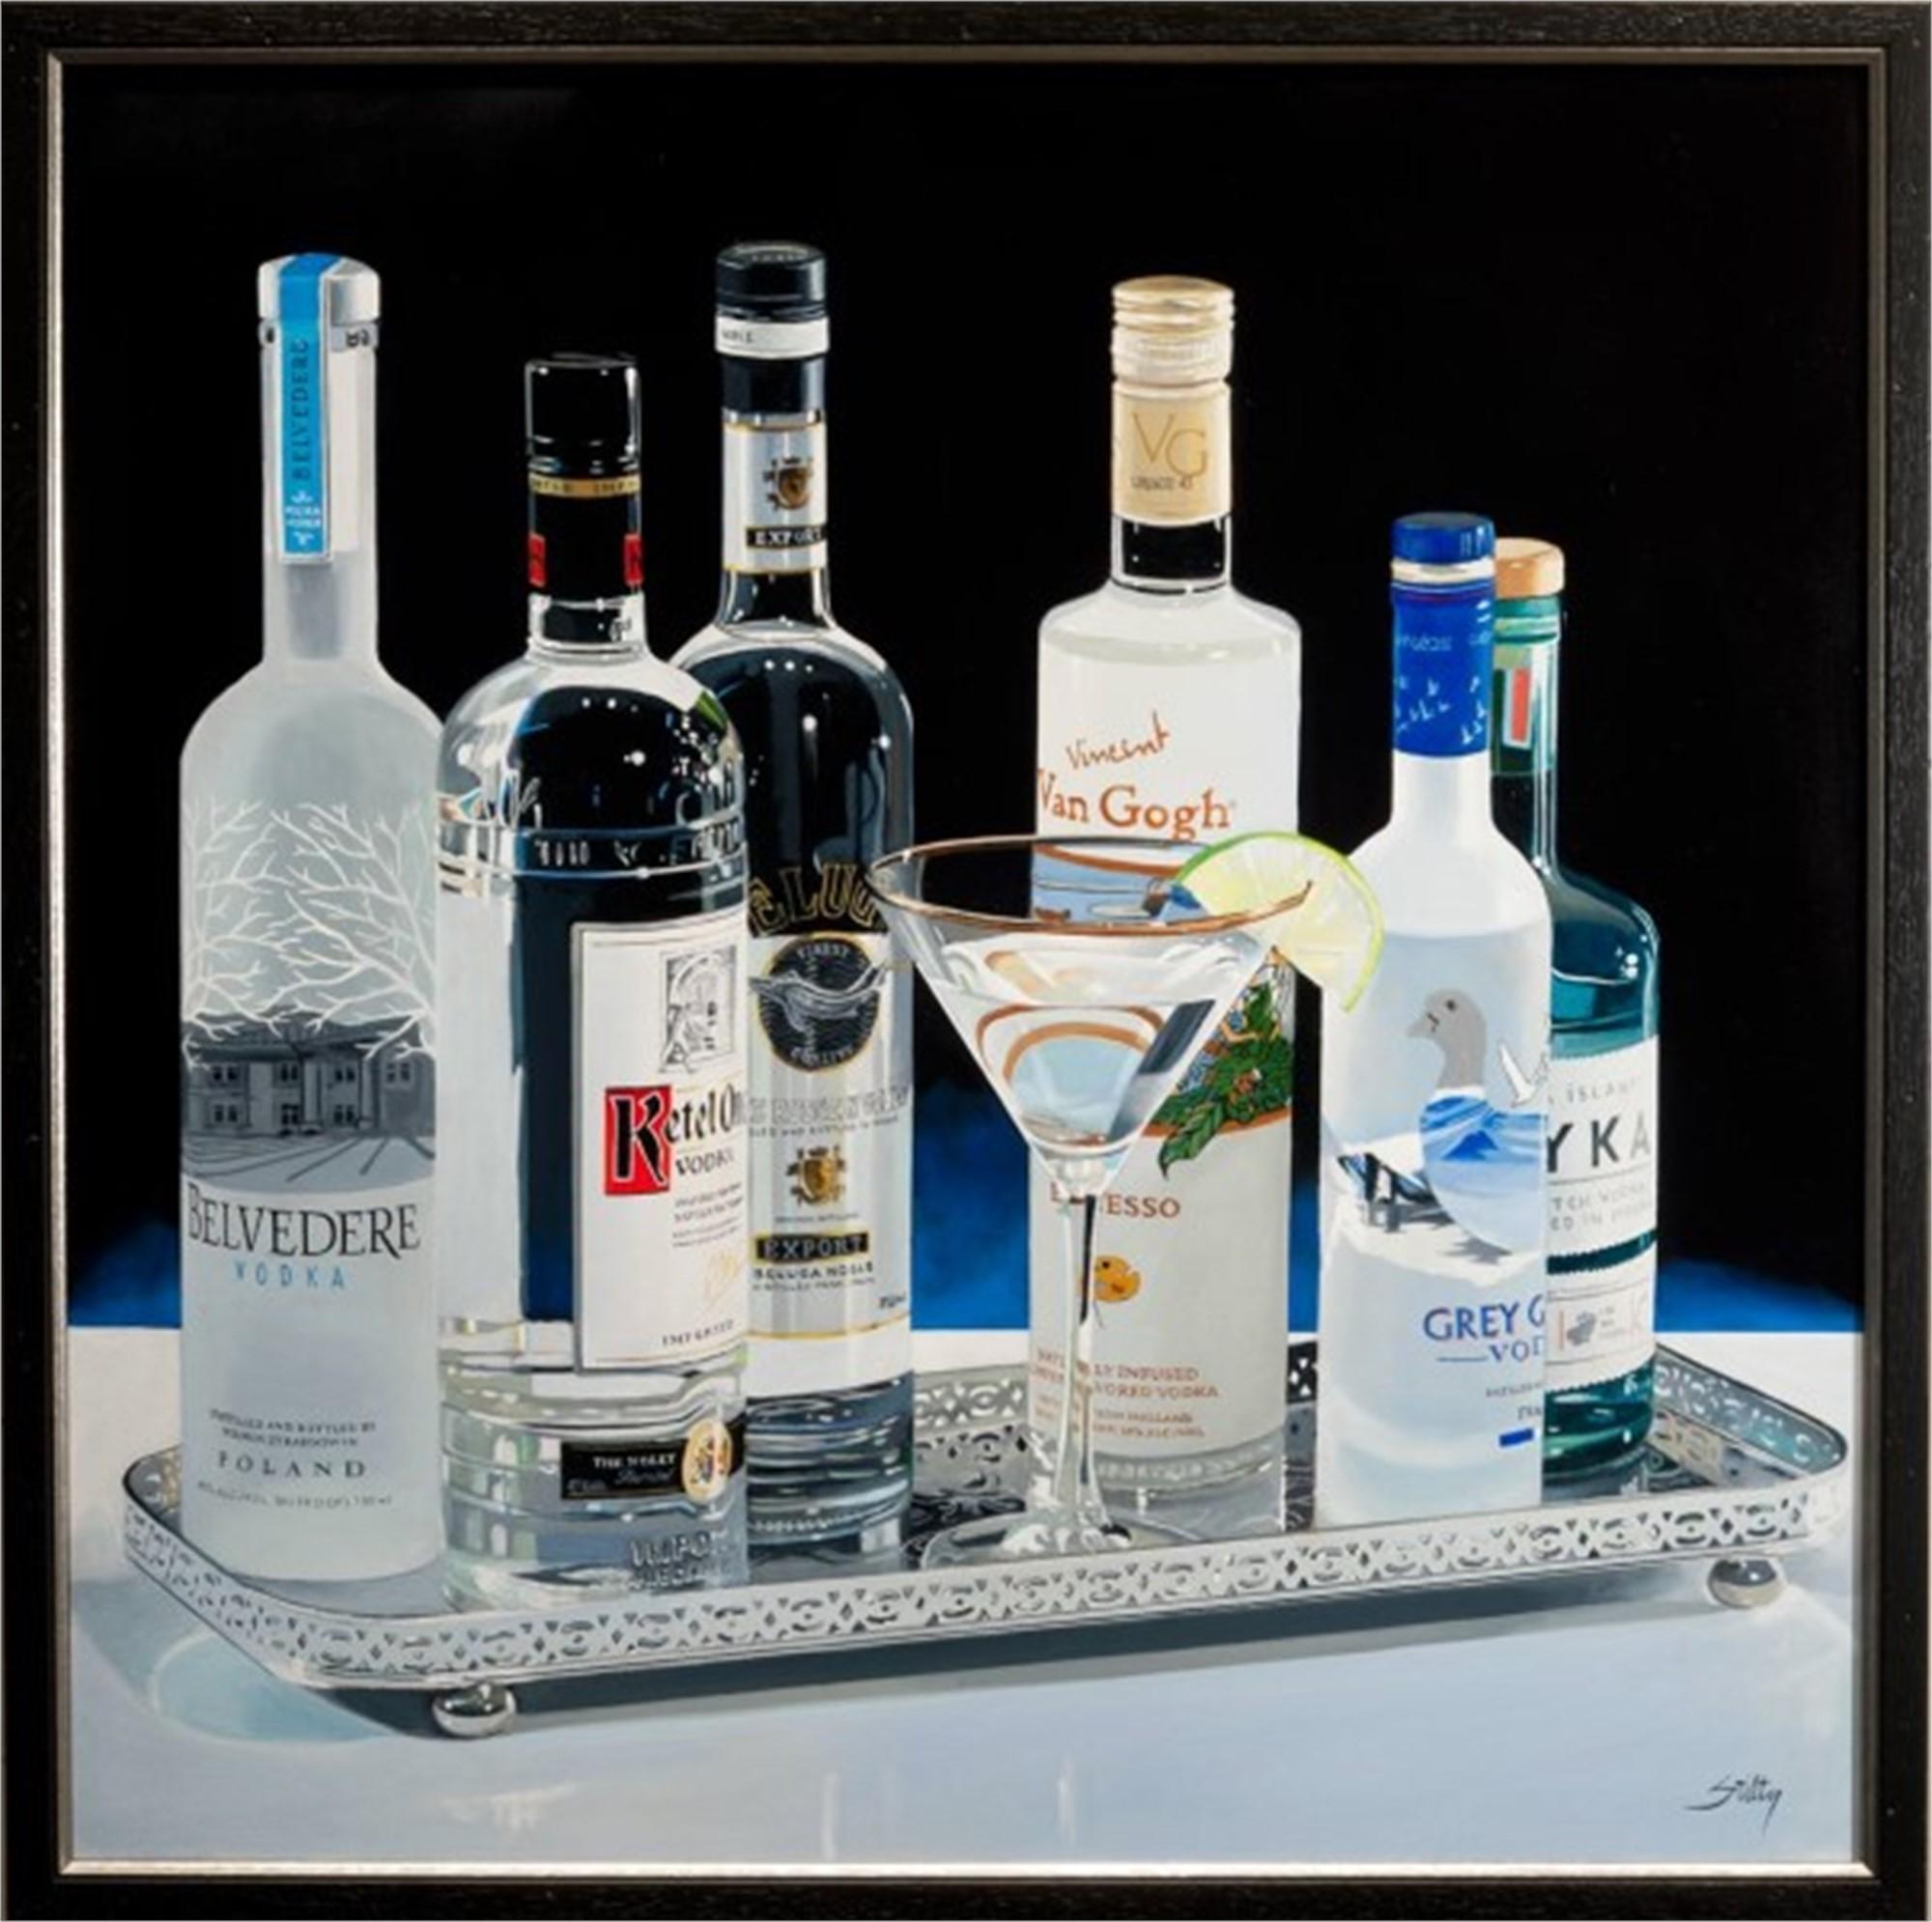 World of Vodka by Tom Stiltz